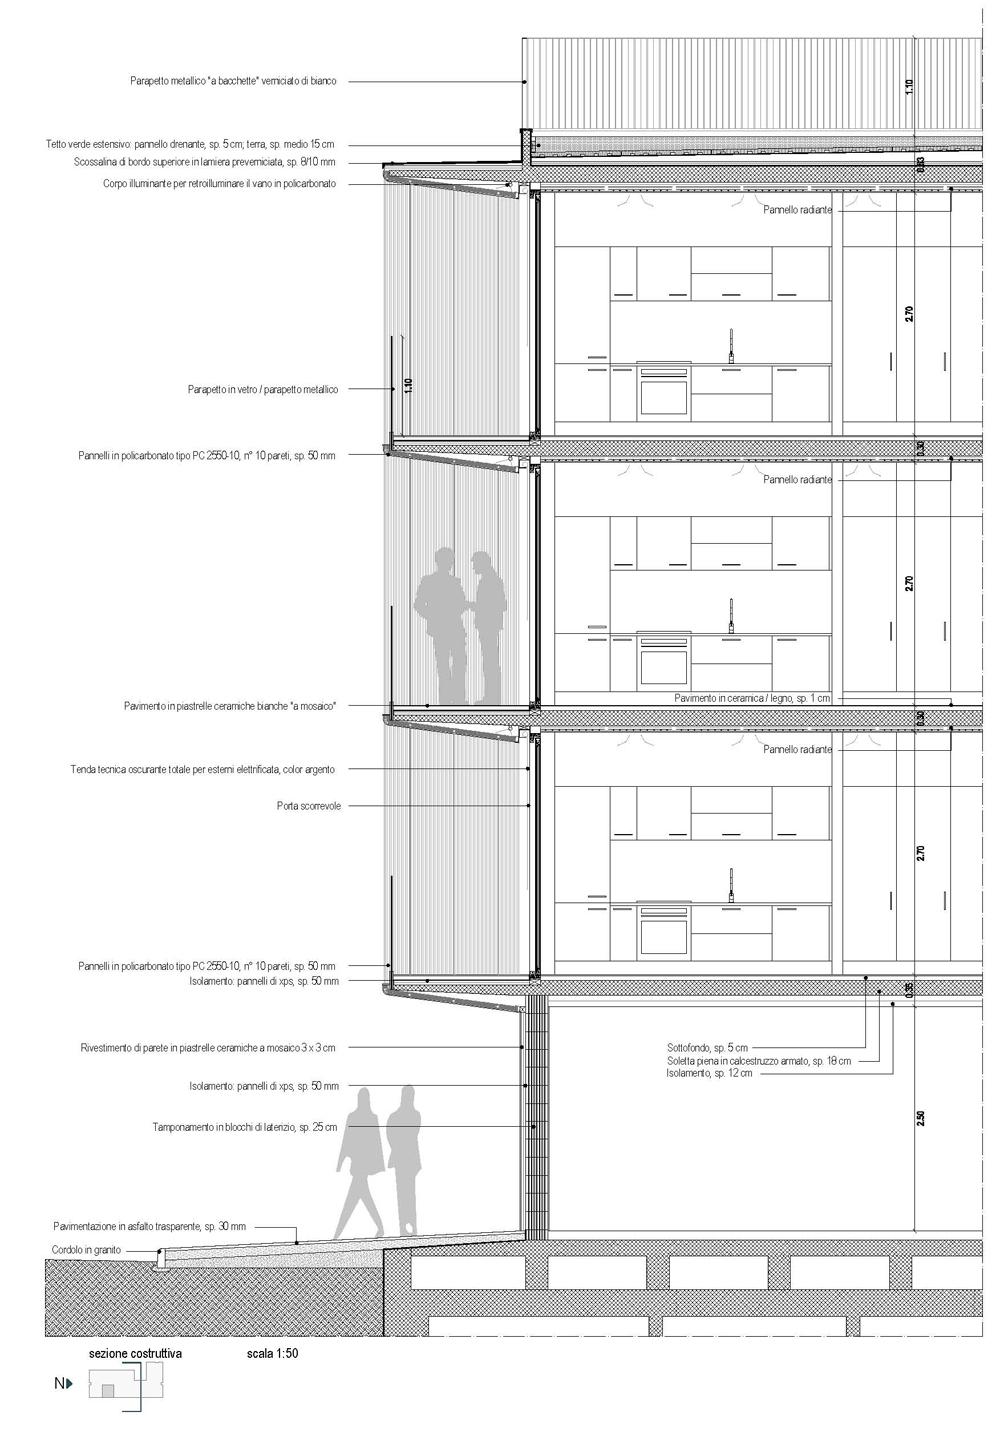 sezione costr